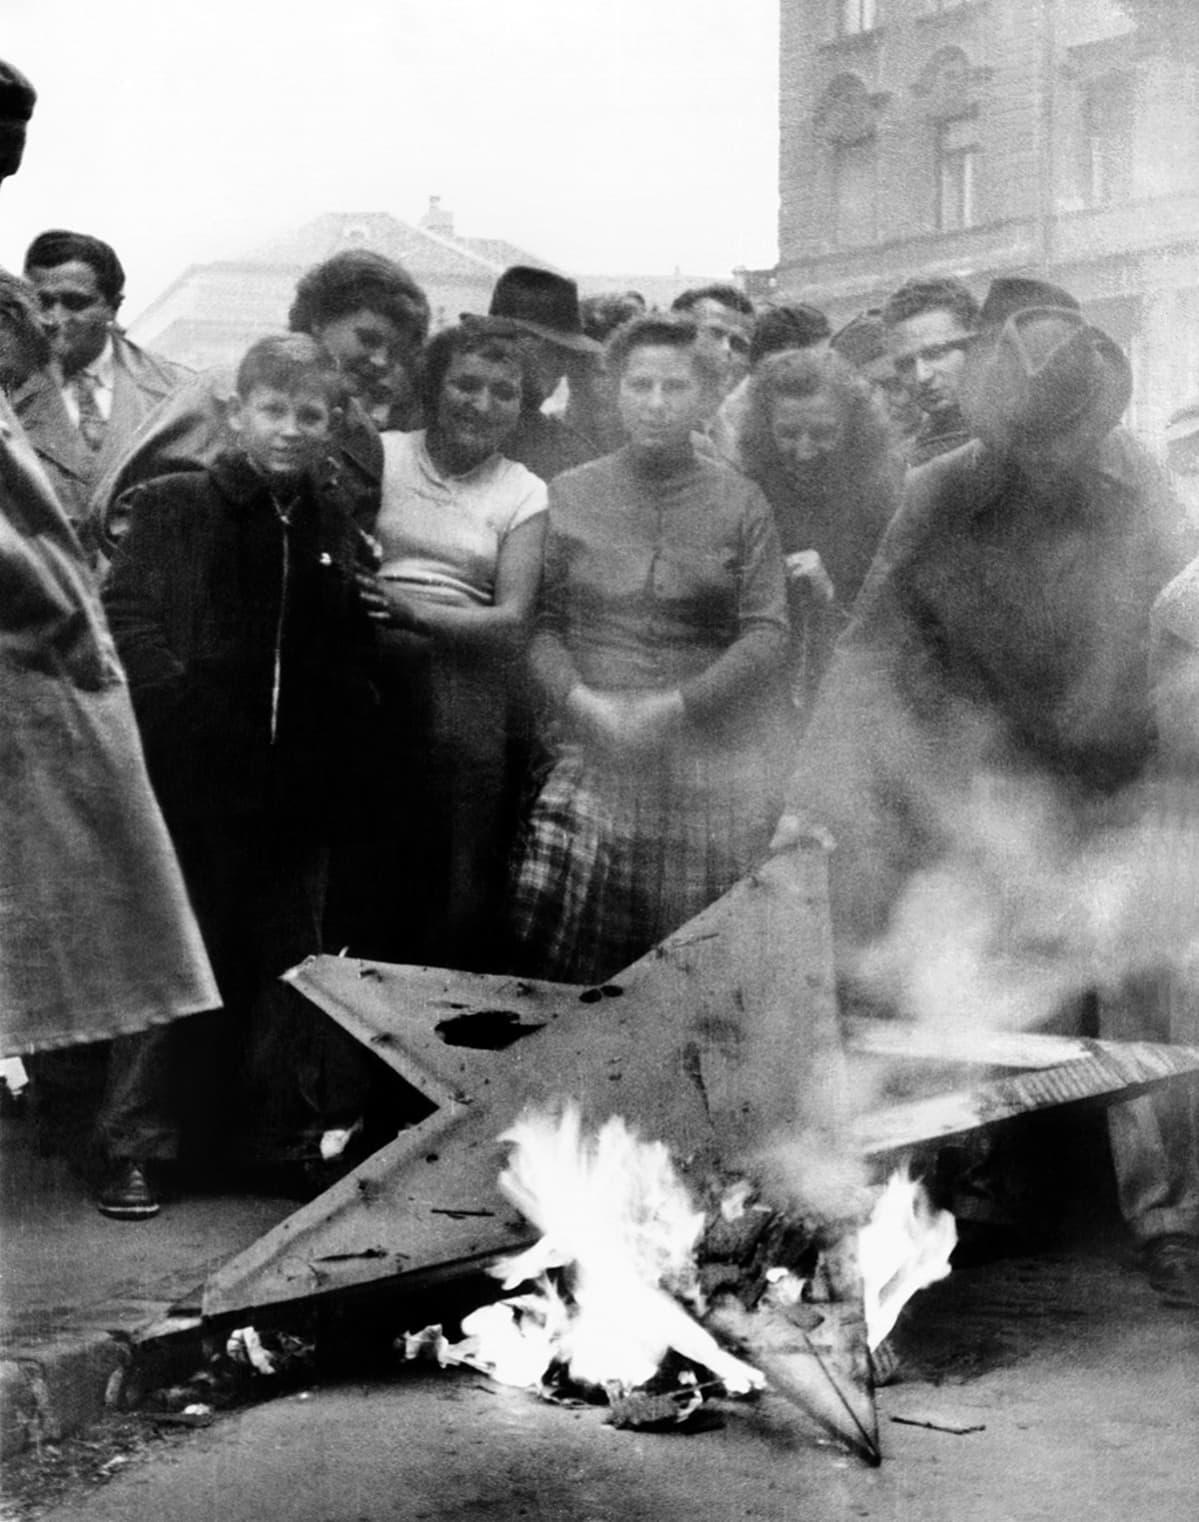 Siviileitä tuhotun Punaisen tähden ympärillä Budapestissa vuoden 1956 lopulla.